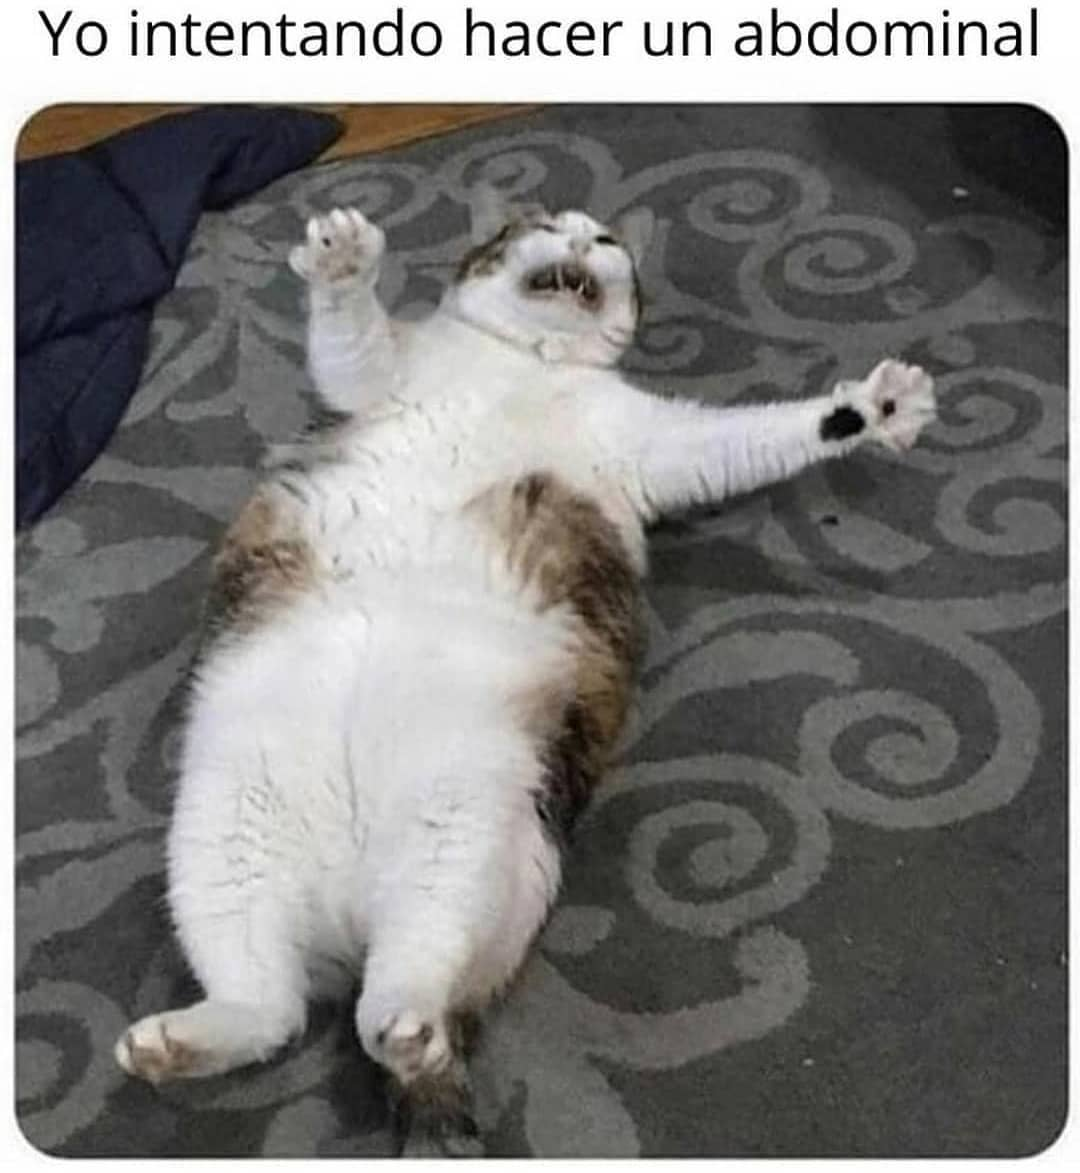 Yo intentando hacer un abdominal.